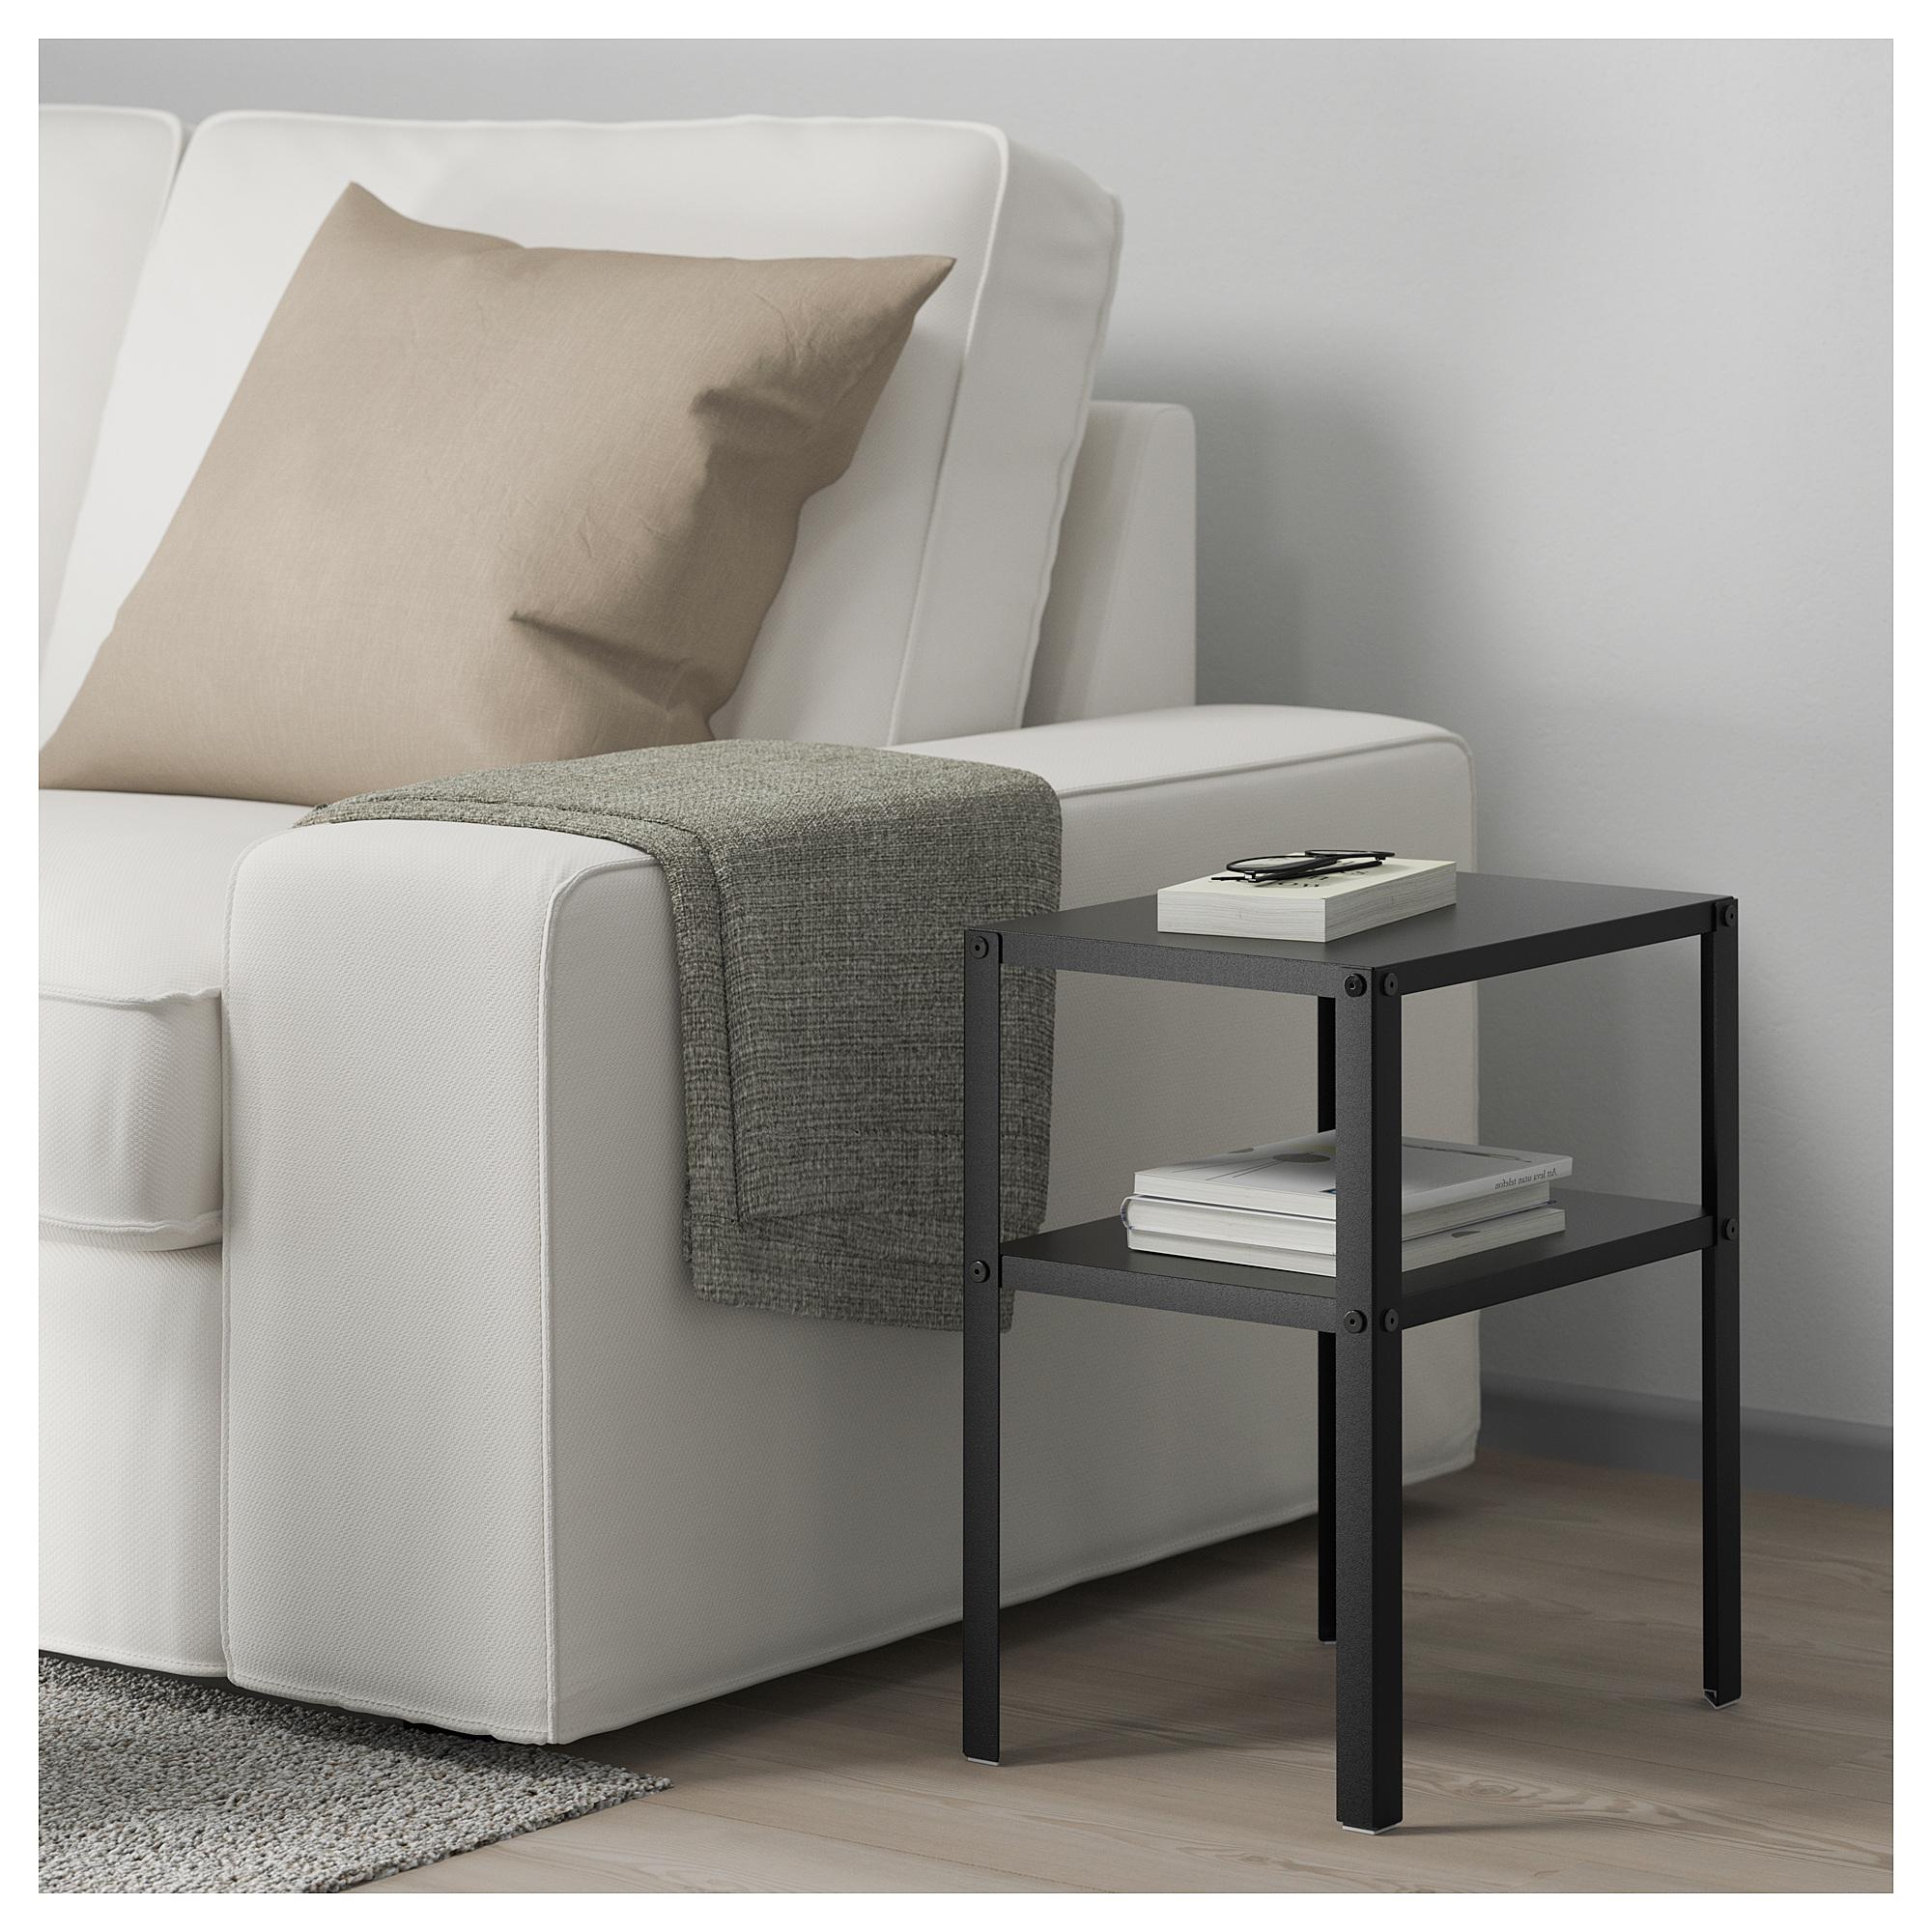 Best Ikea Knarrevik Nightstand Black In 2019 Bedside Table 400 x 300